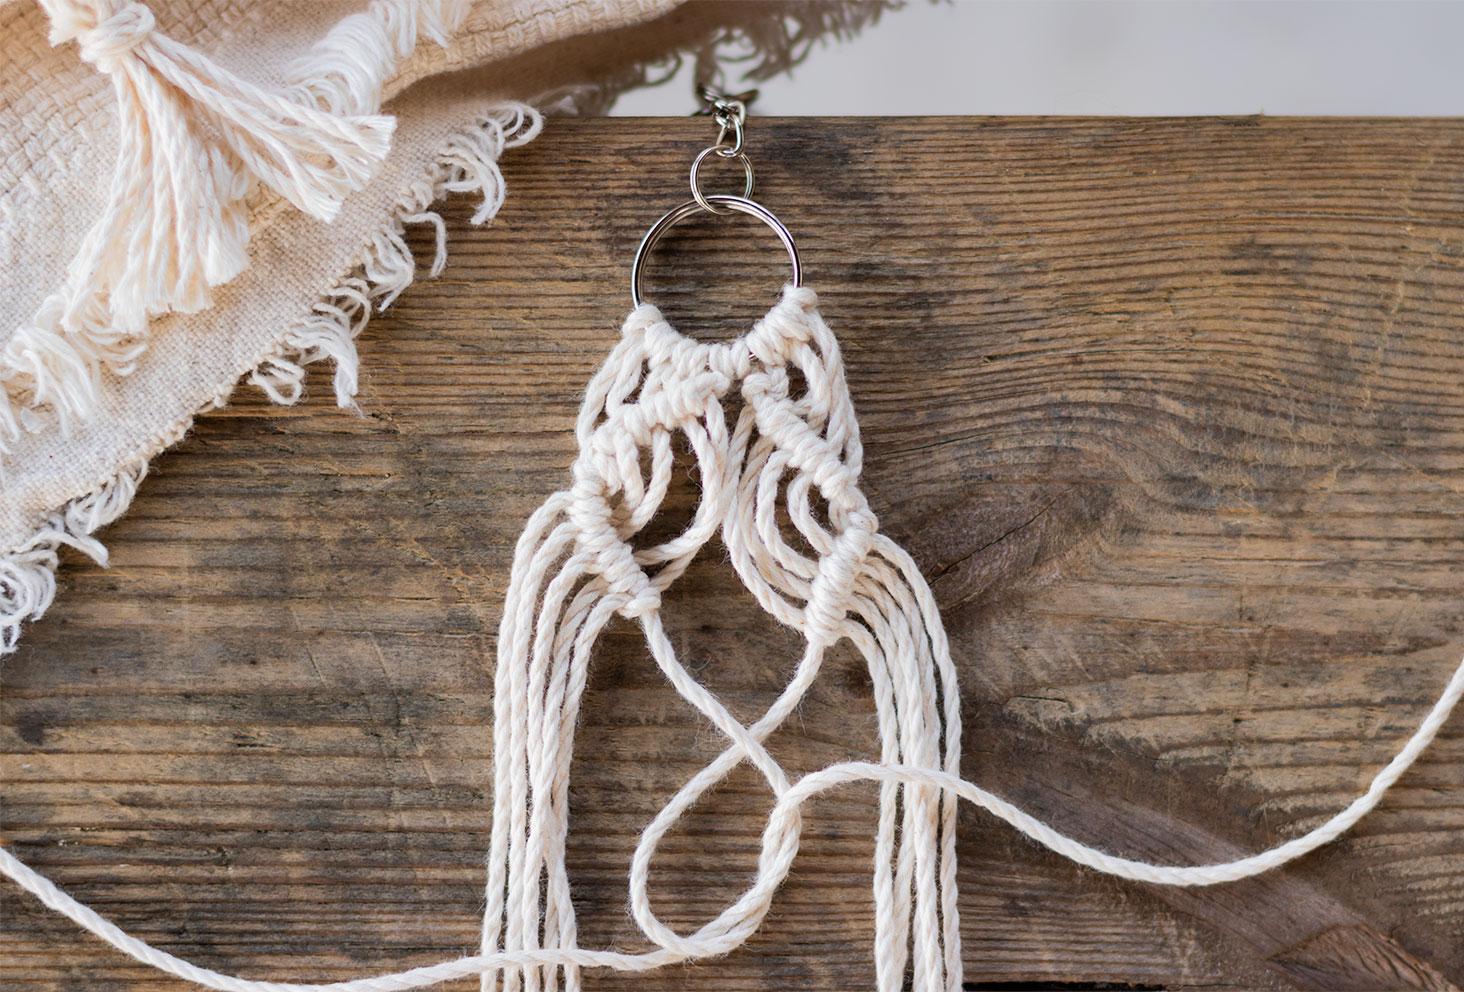 Nœuds de feston en cours de réalisation, posé sur une table en bois à côté d'un plaid